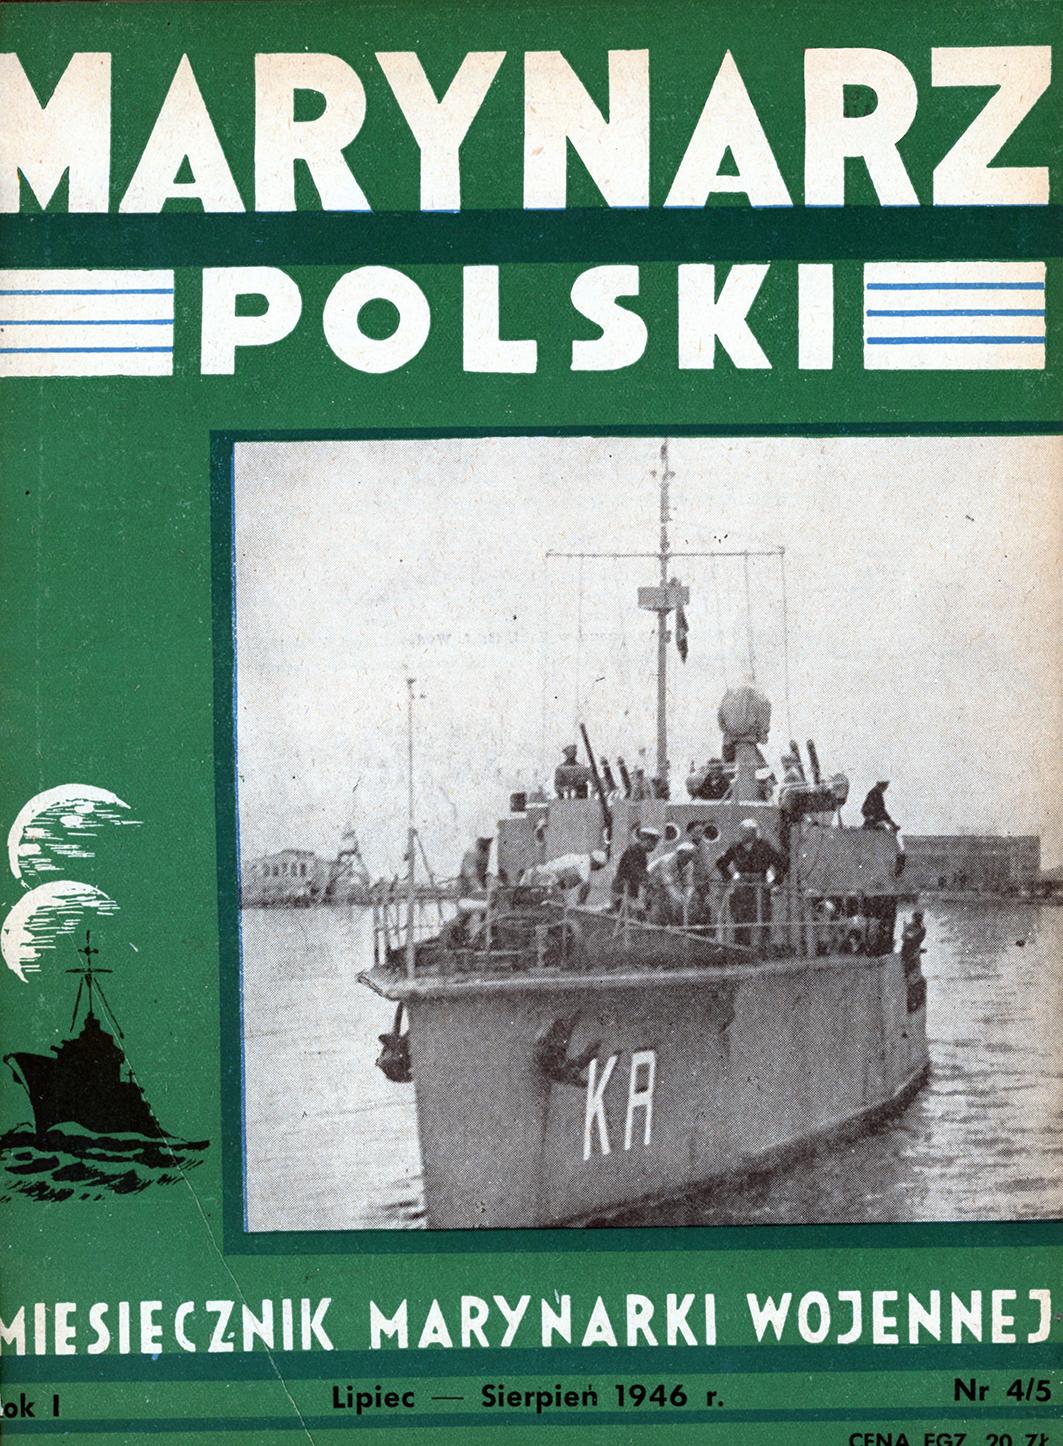 Marynarz Polski : miesięcznik Marynarki Wojennej. - Gdynia : Zarząd Pol.- Wych. Marynarki Wojennej, 1946, lipiec - sierpień